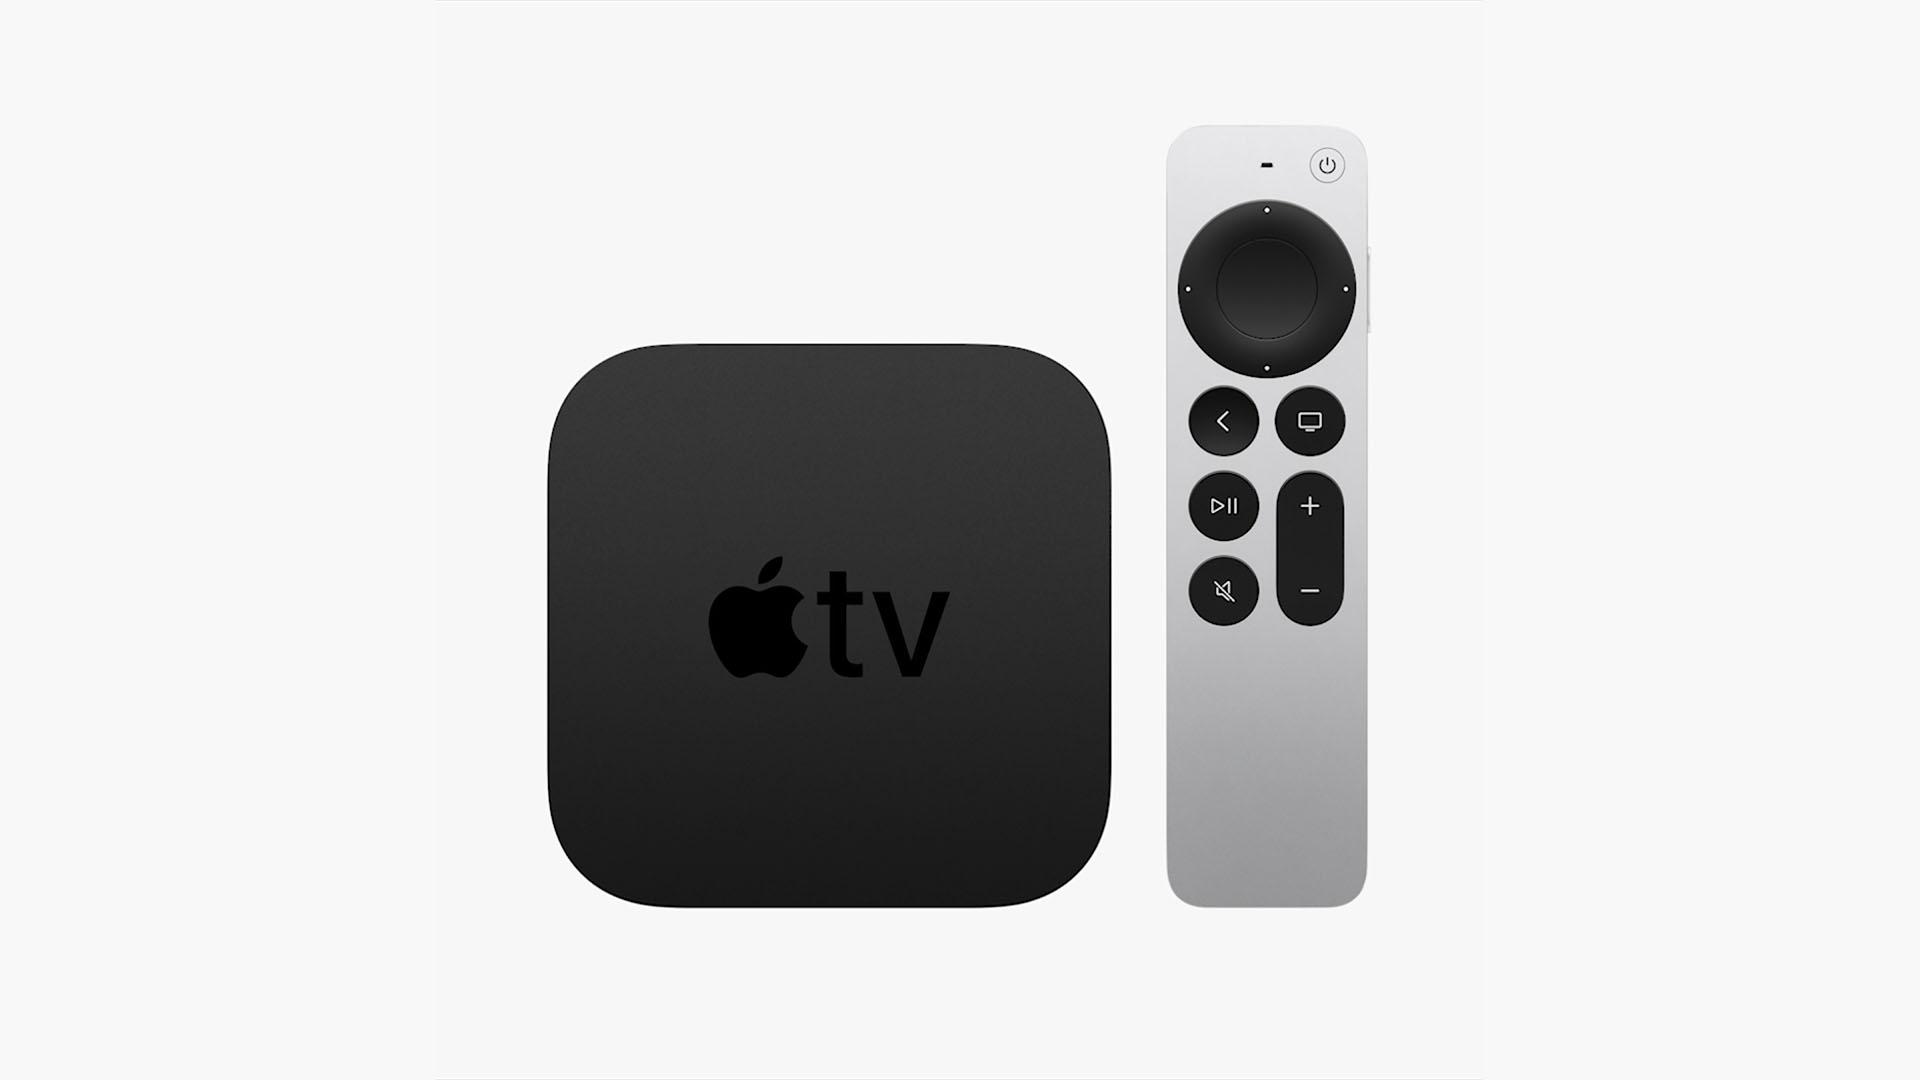 Представлена Apple TV 4K нового поколения